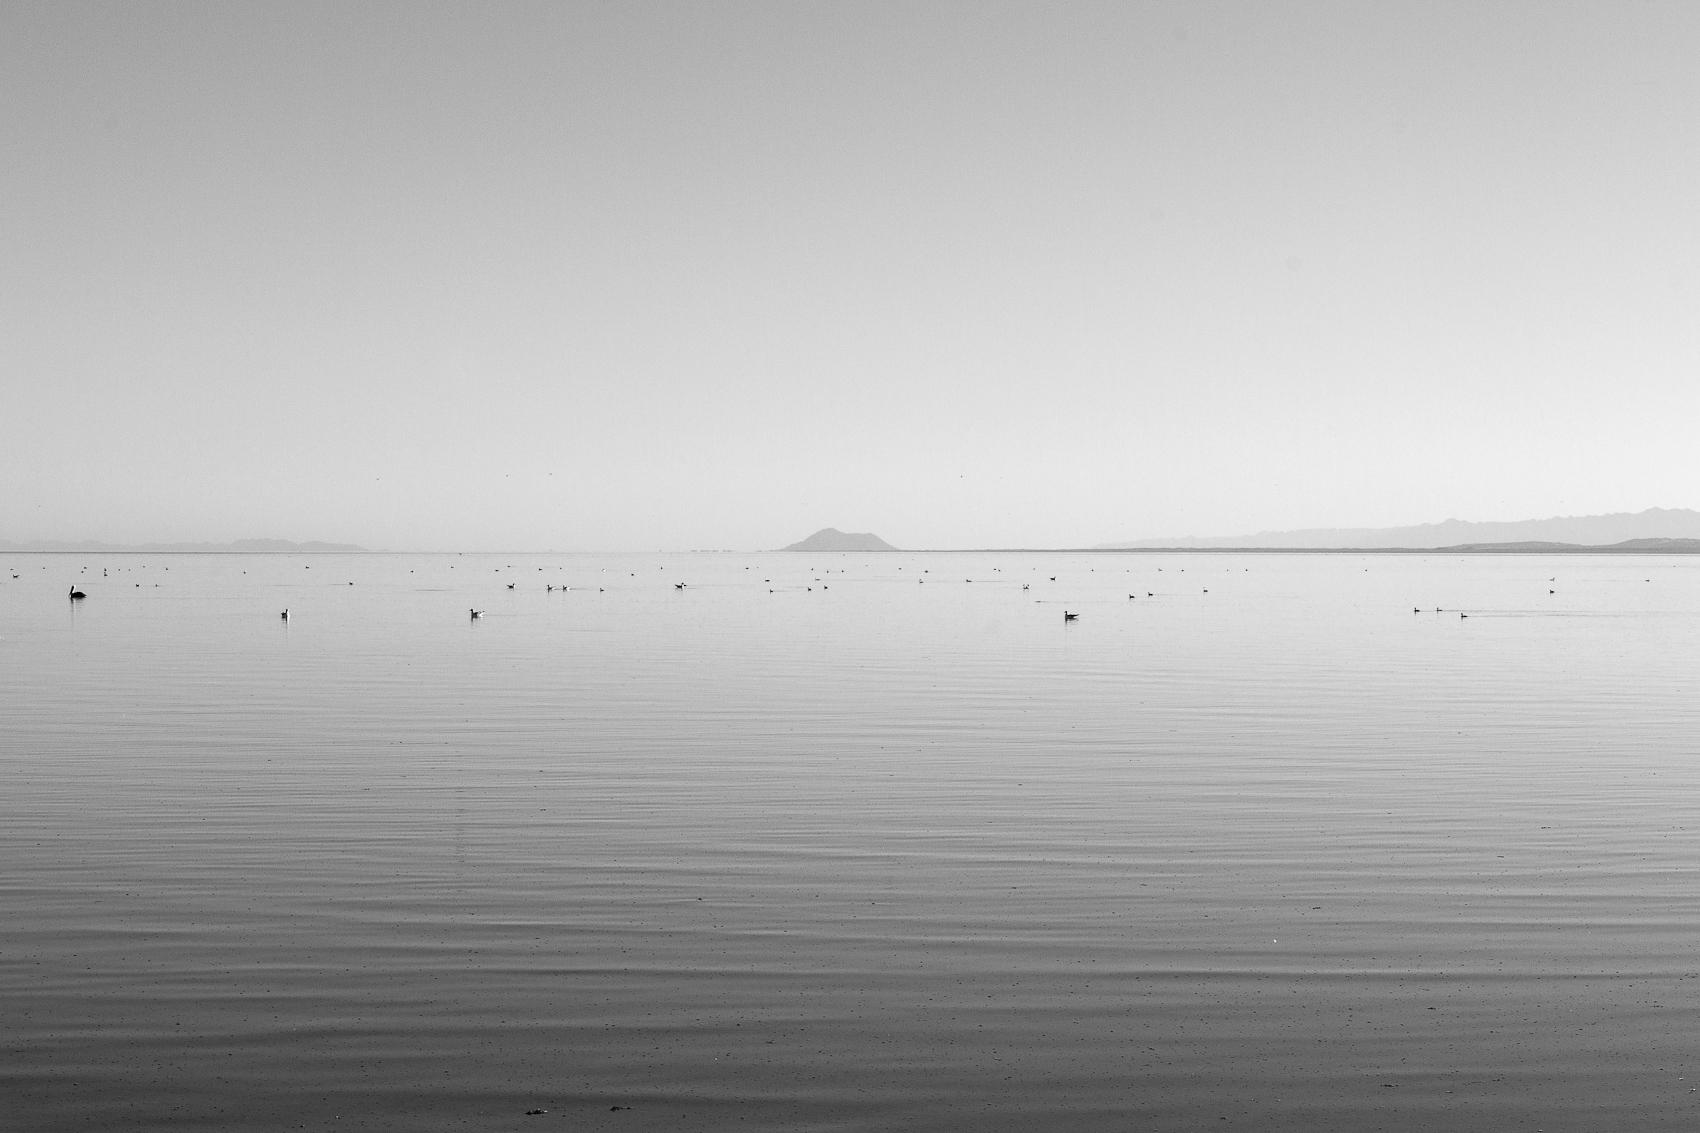 East Shore, Salton Sea, 2015